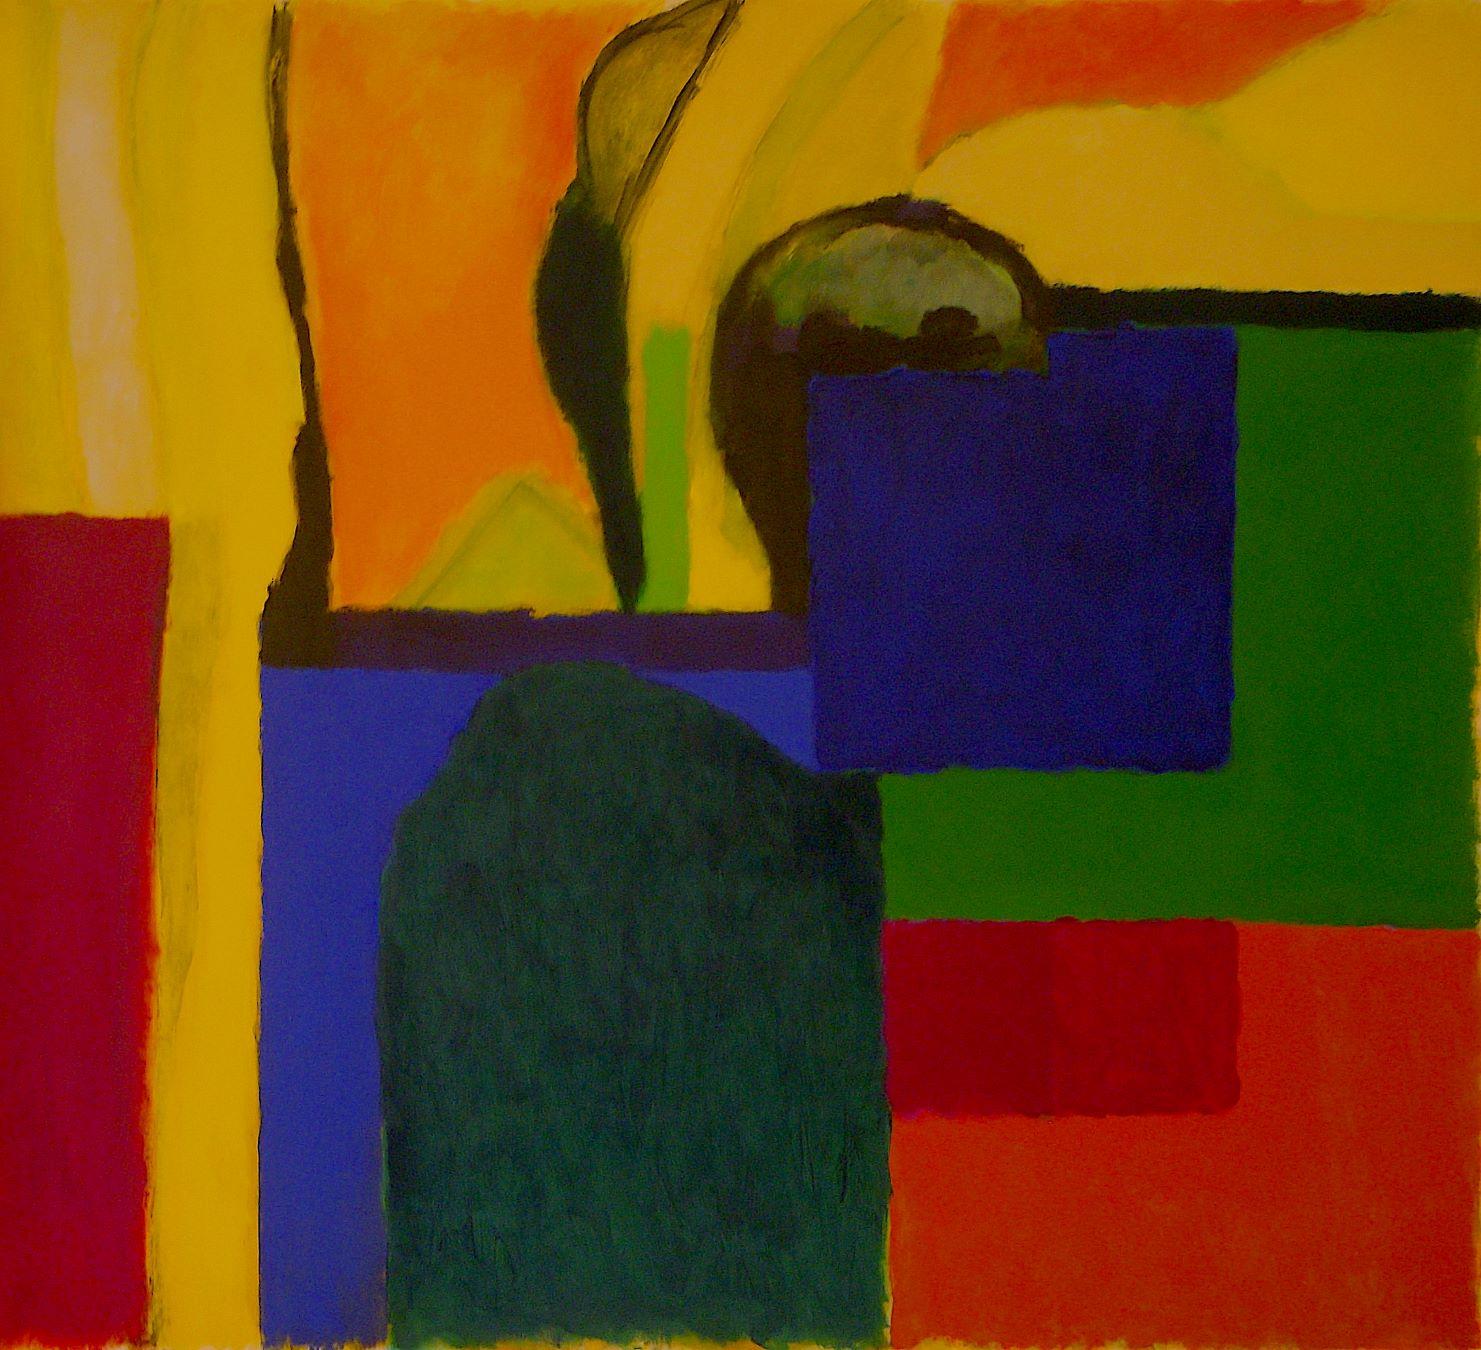 Craig Gough, 'Walmer 3463 No.11.' 2016. acrylic on canvas. 152x168cm $12,000 - enquire